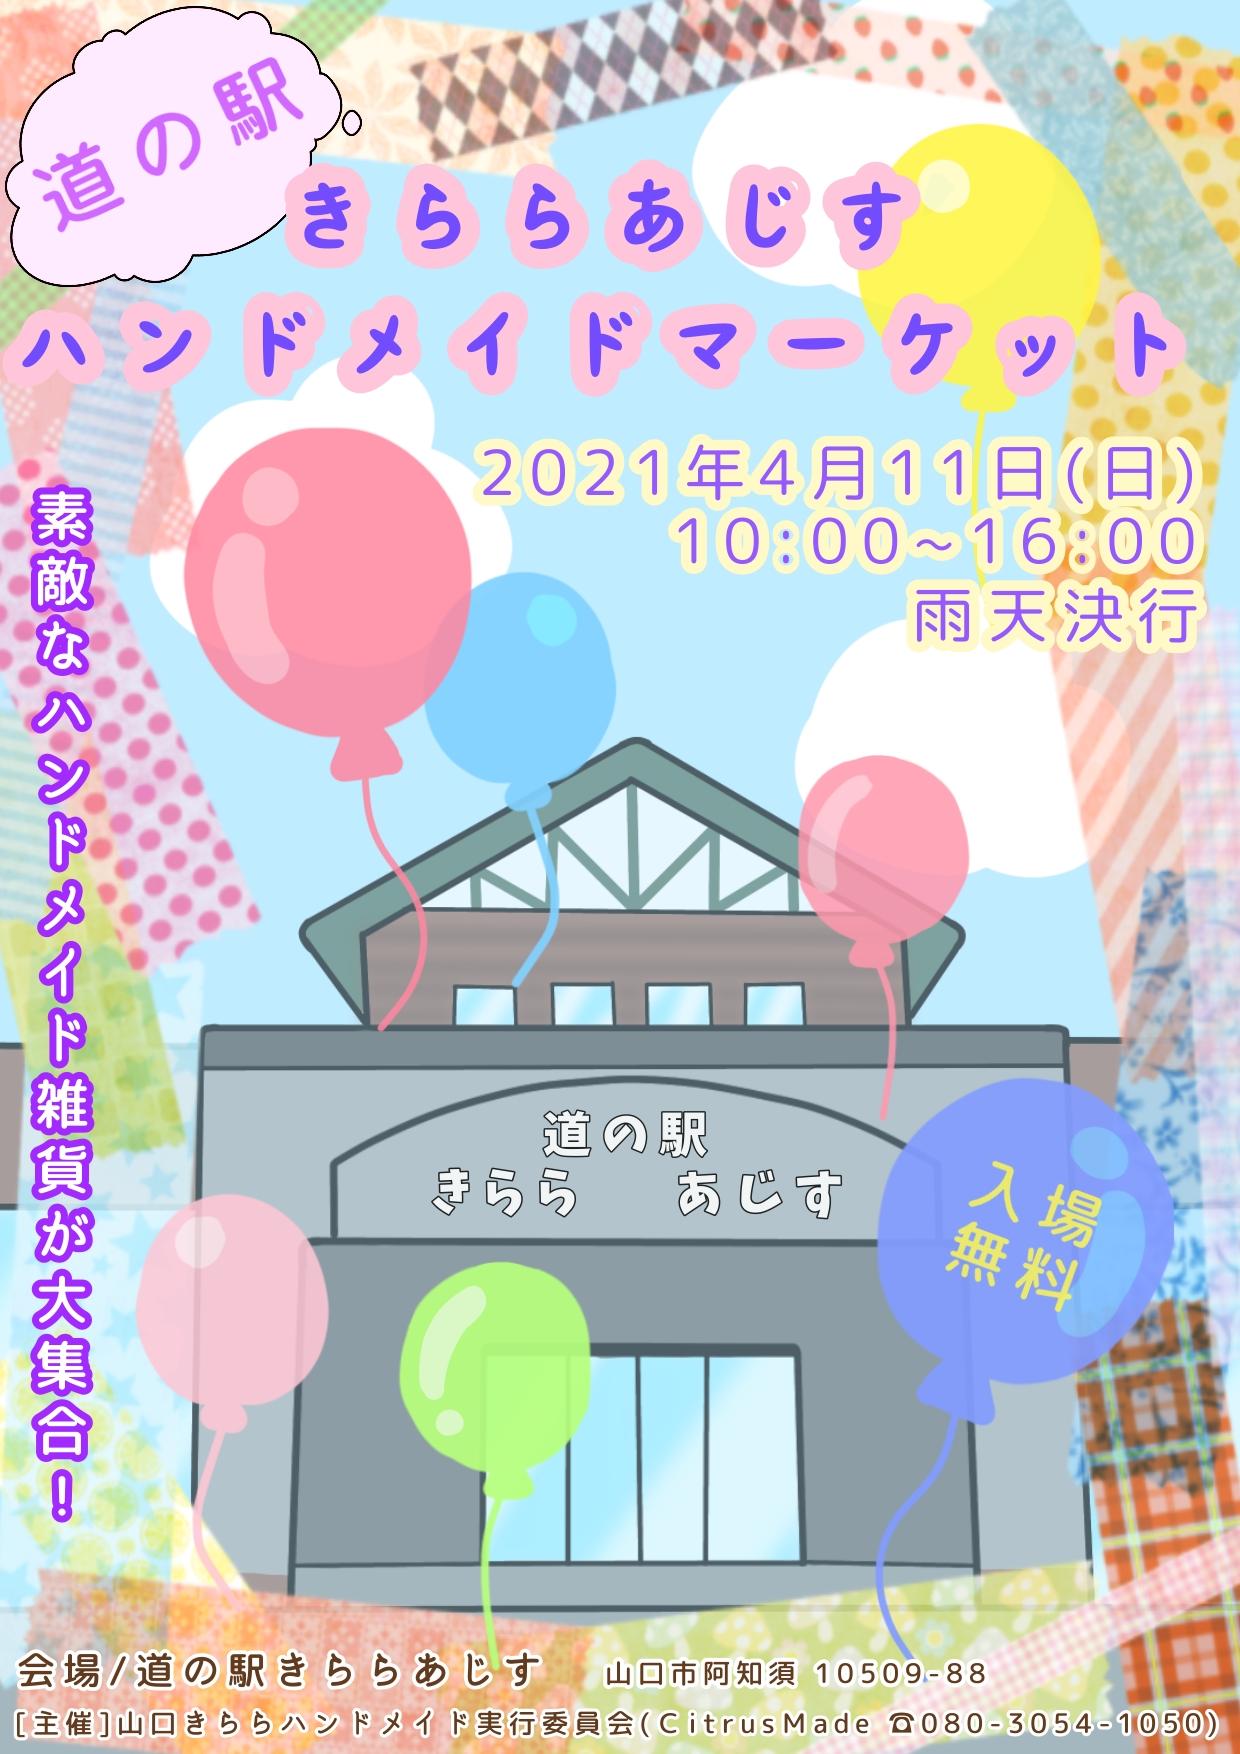 道の駅きららあじすハンドメイドマーケット 21/4/11(開催終了)